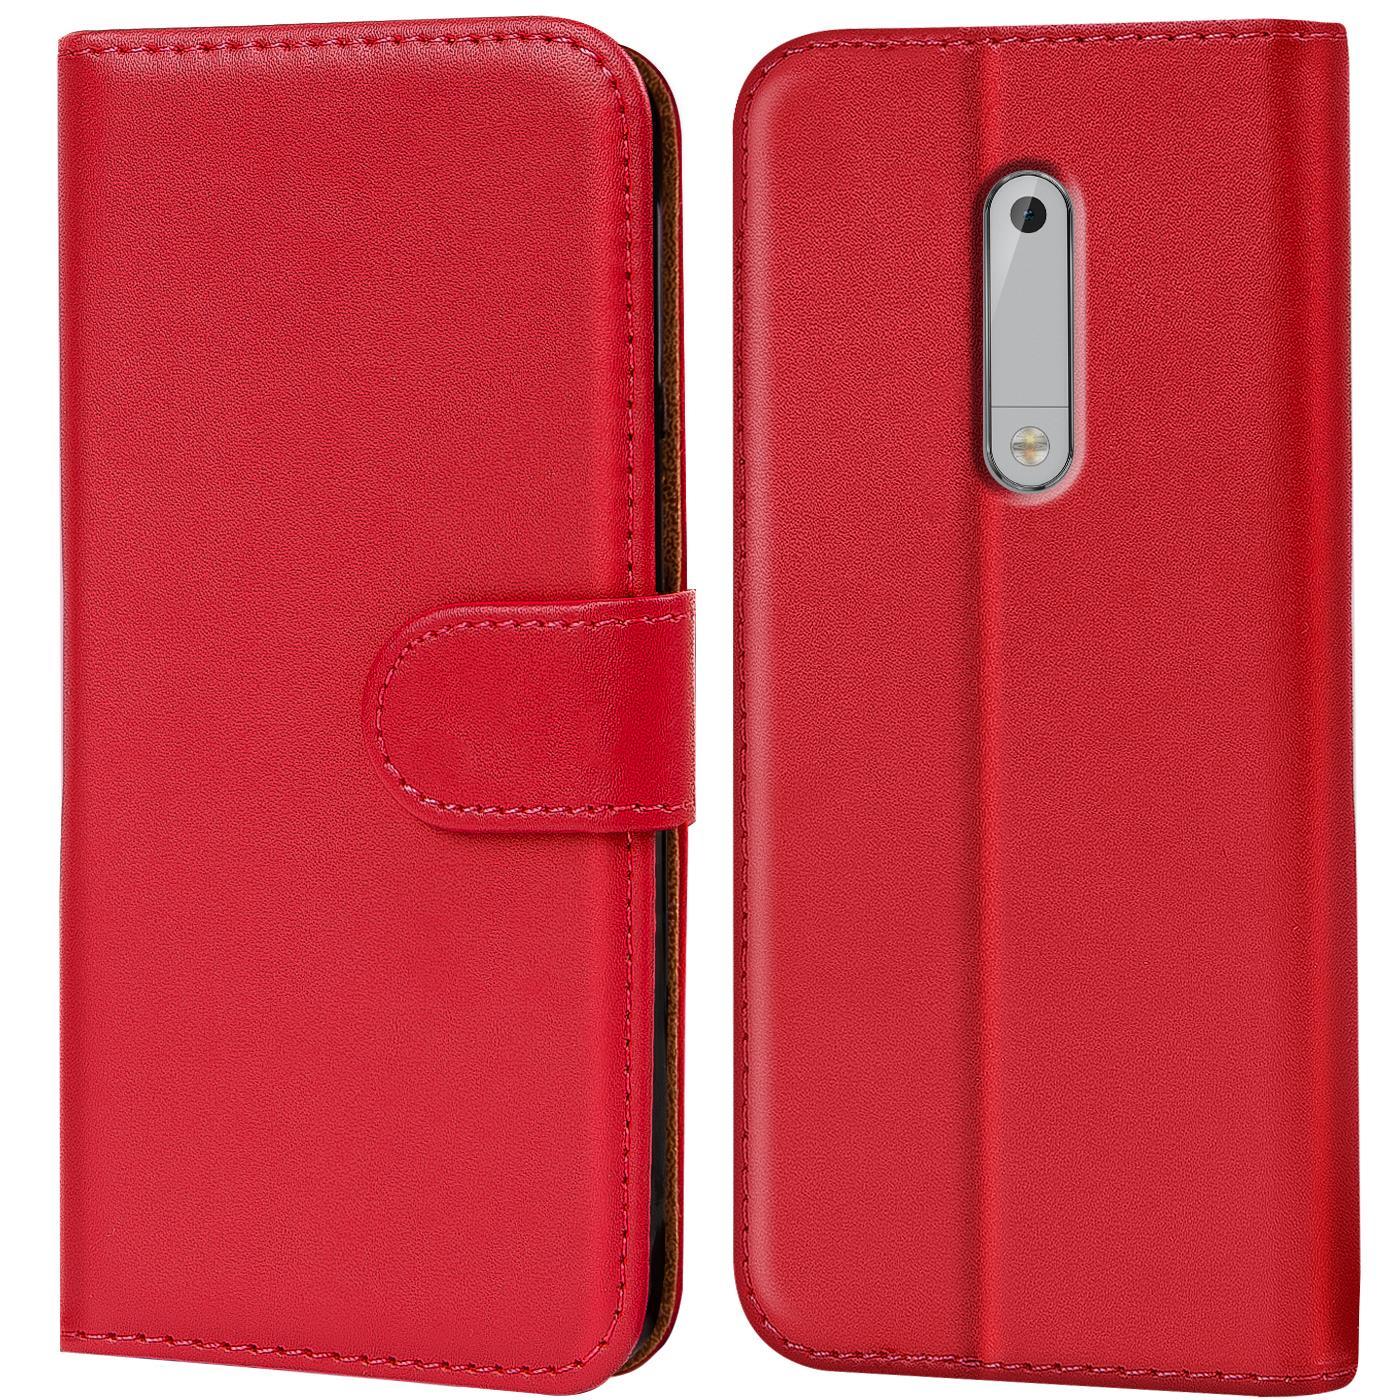 Handy-Tasche-fuer-Nokia-Serie-Huelle-Klapphuelle-Schutz-Huelle-Cover-Etui-Case